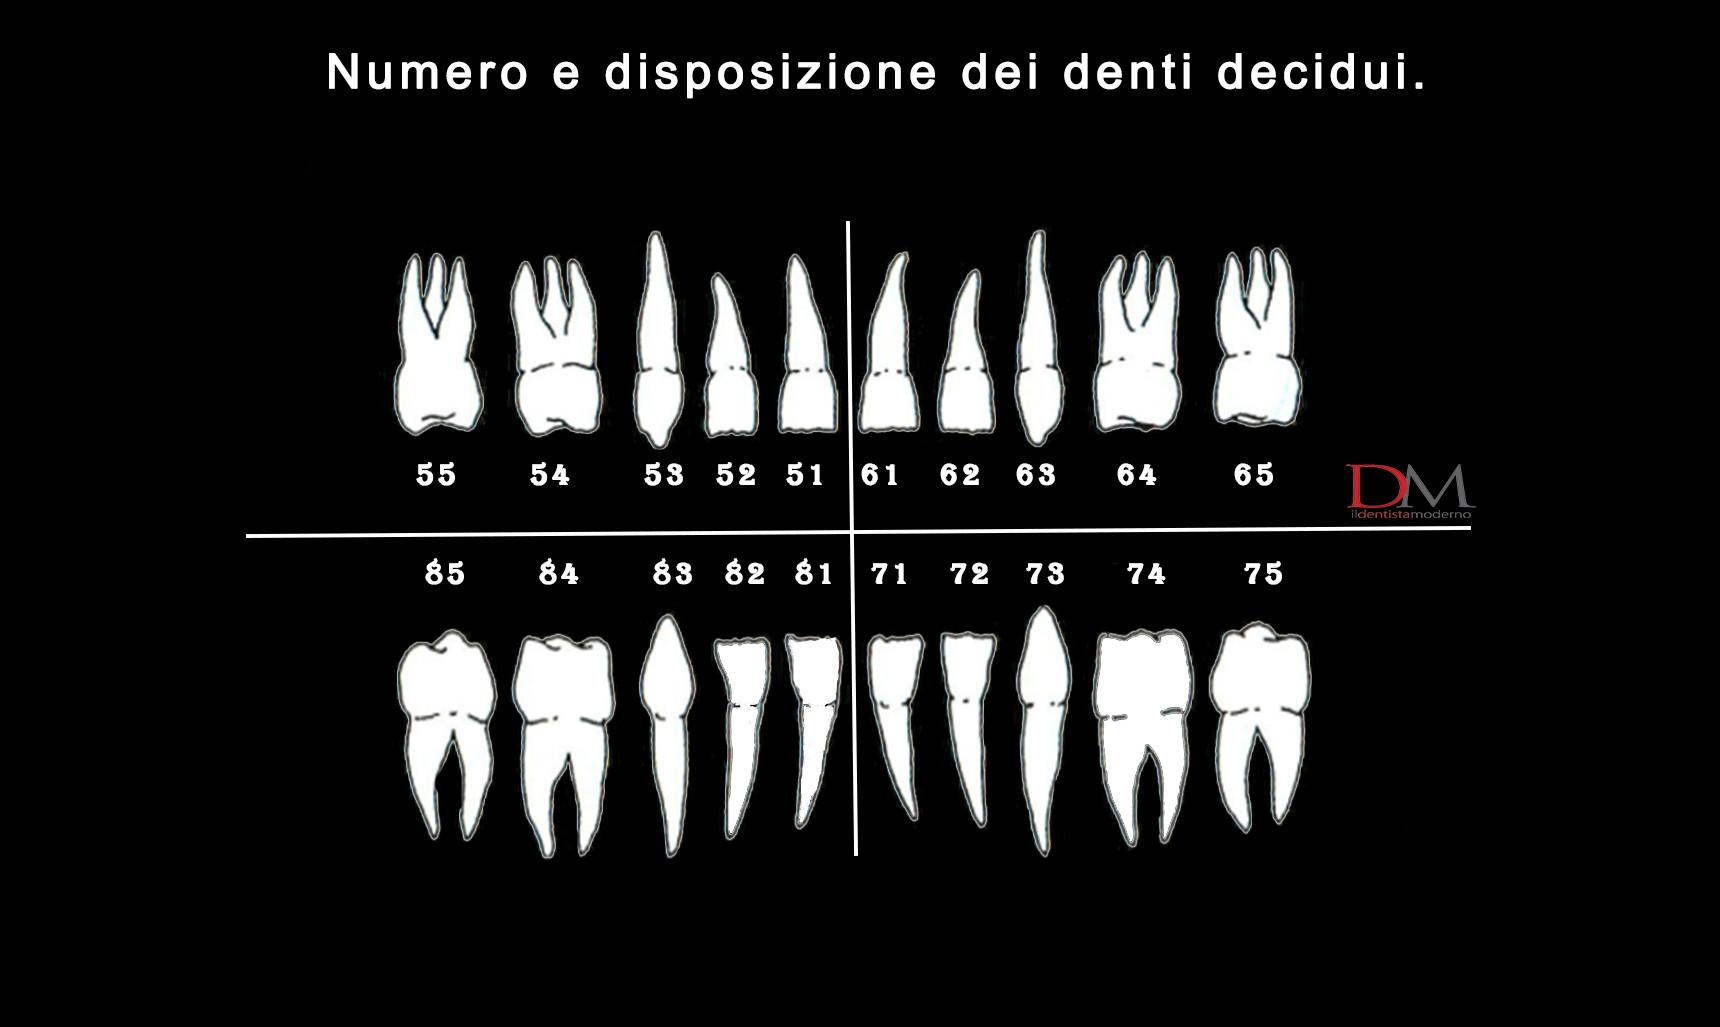 numerazione denti decidui